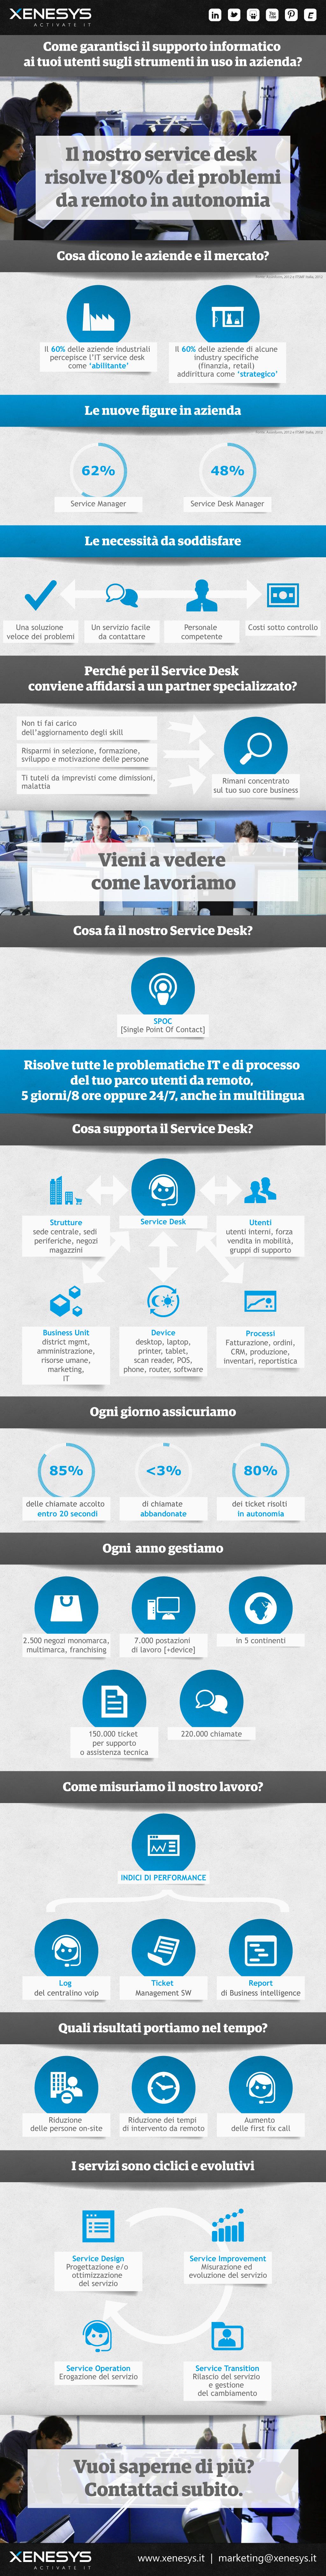 Offri agli utenti interni e esterni un servizio di assistenza tecnica di alto livello con il nostro #servicedesk. Risolvi tutti i problemi di IT e processi 24/7 in 5 lingue. Contattaci subito.